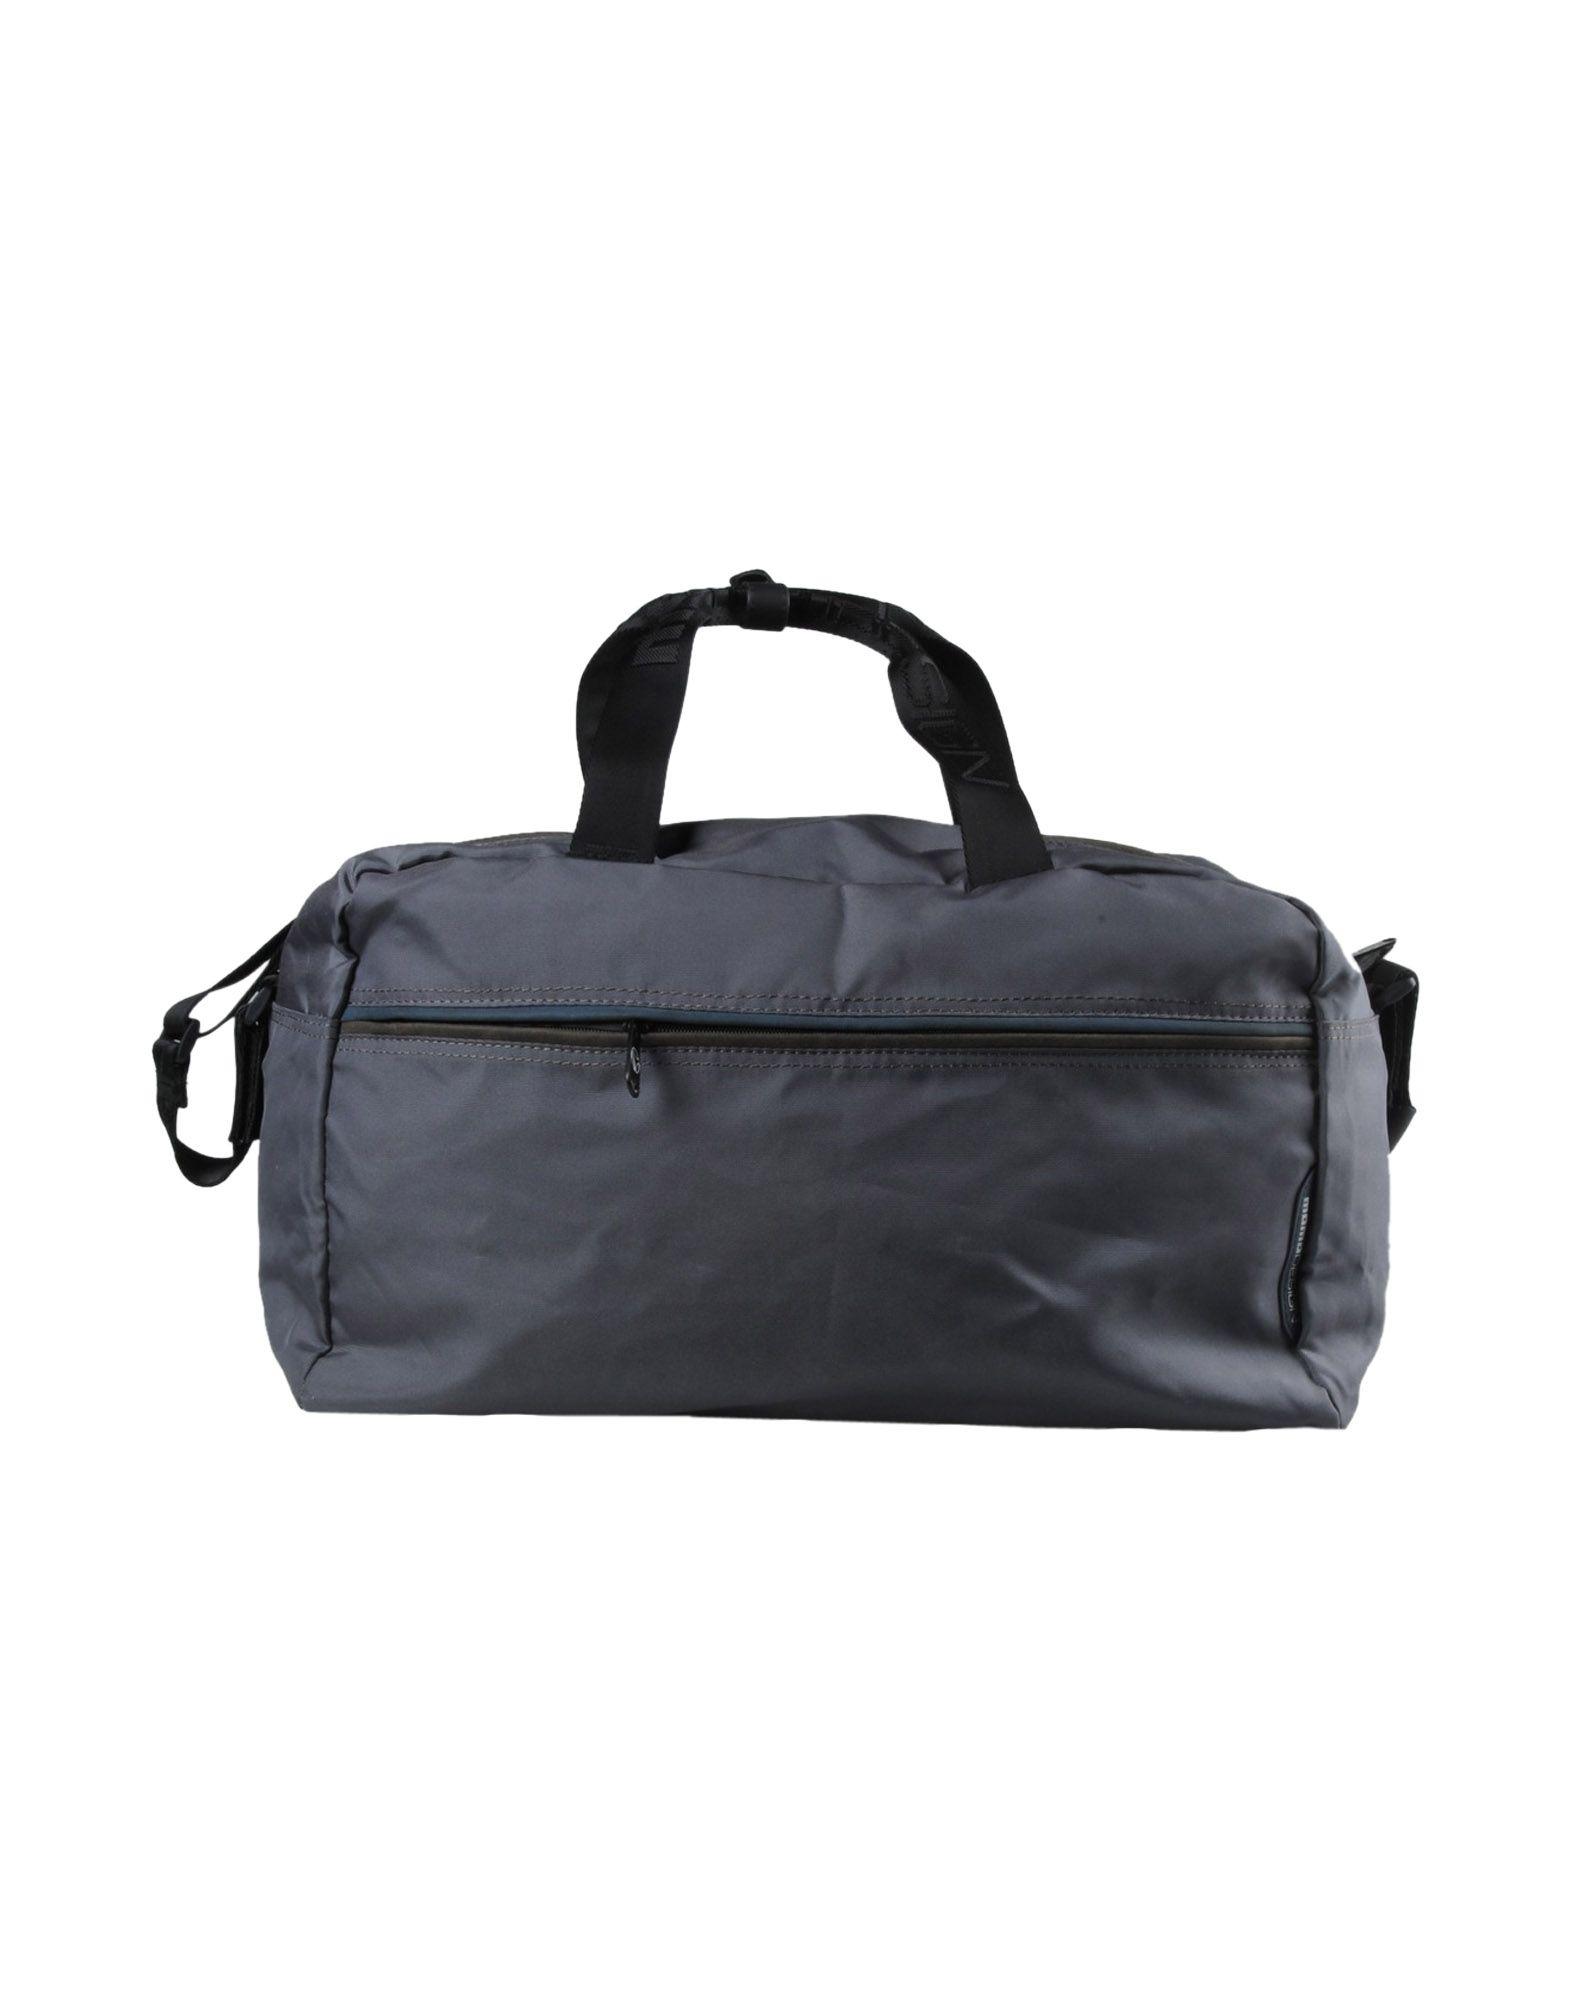 MOMO DESIGN Herren Reisetasche Farbe Blei Größe 1